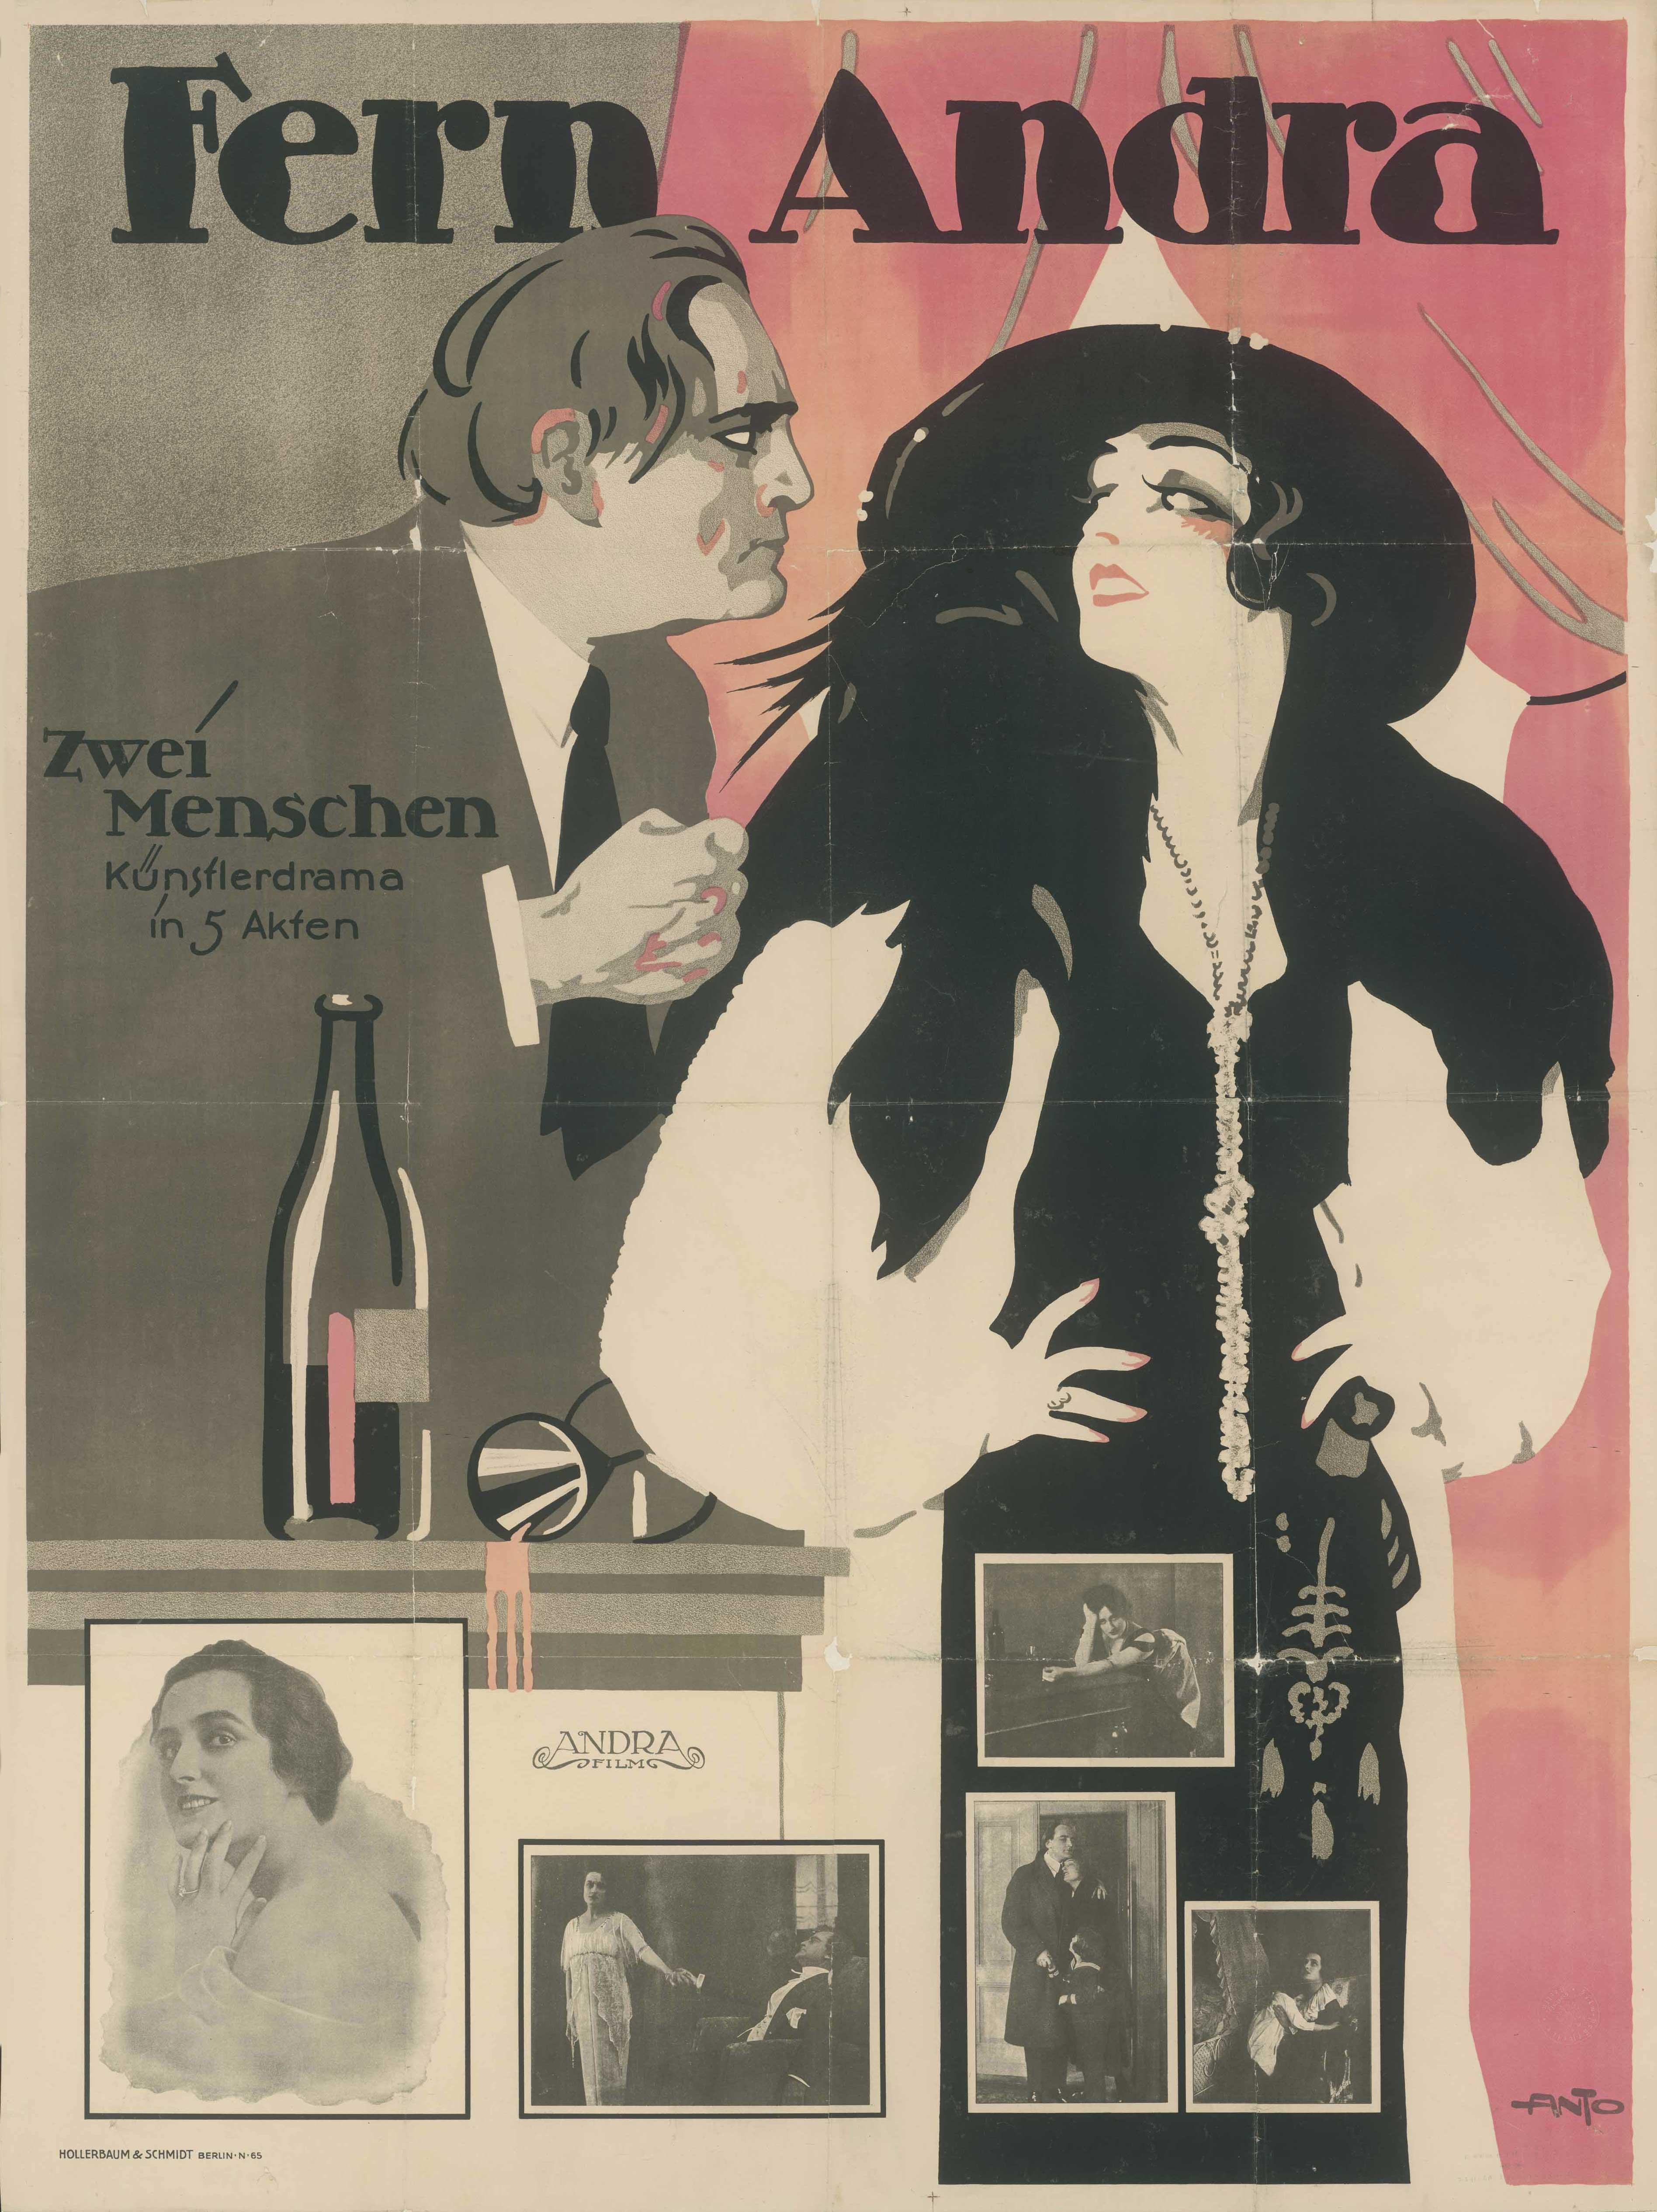 Filmplakat zu dem Film Zwei Menschen, Deutschland 1919